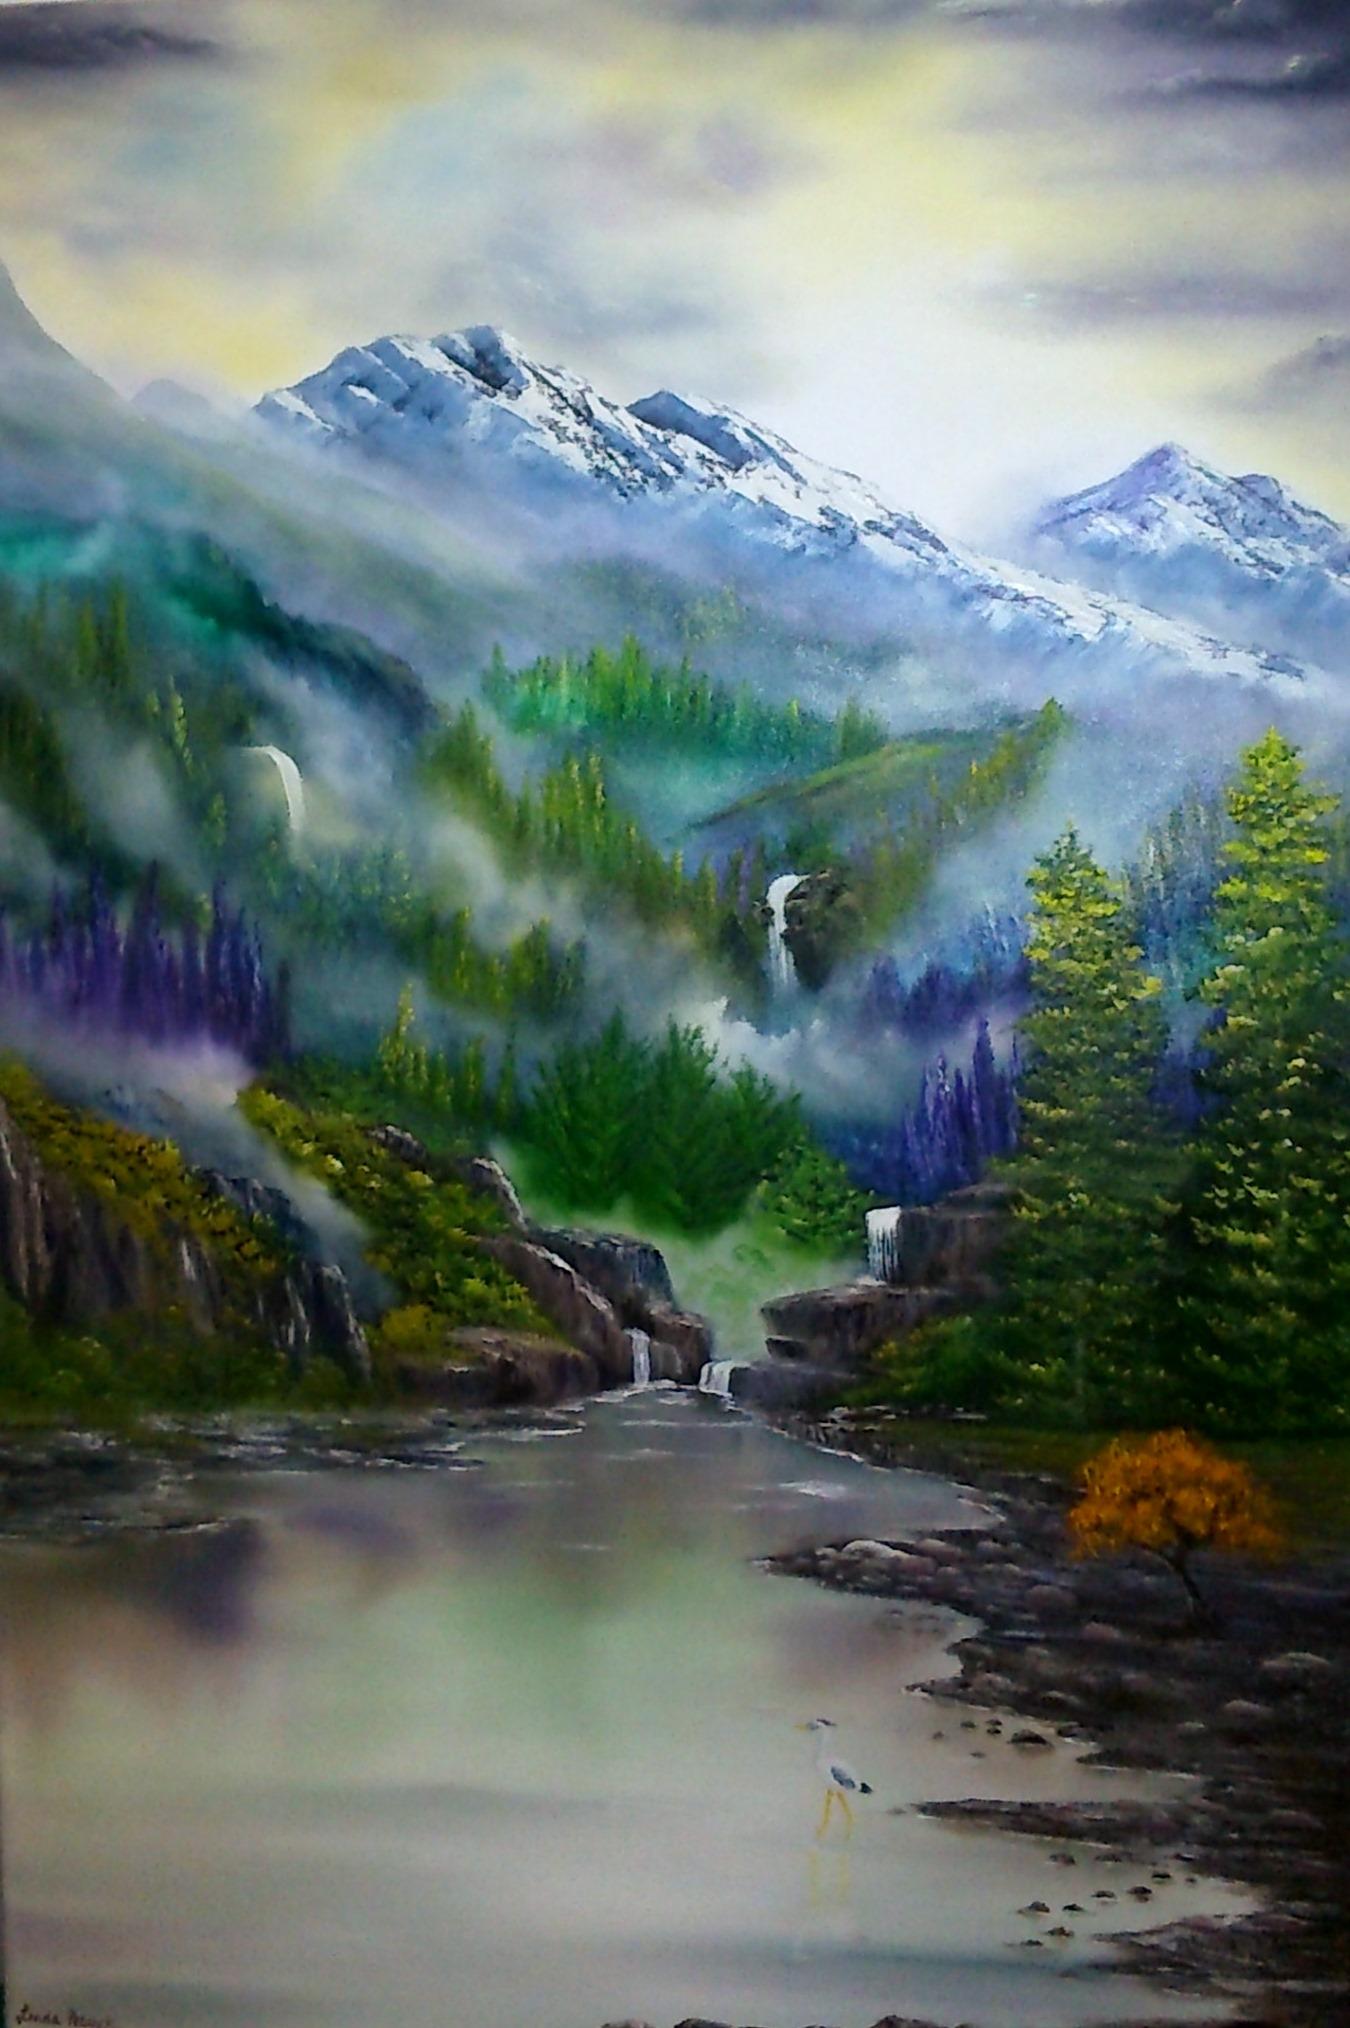 Acrylic and oils on a chunky canvas. 36